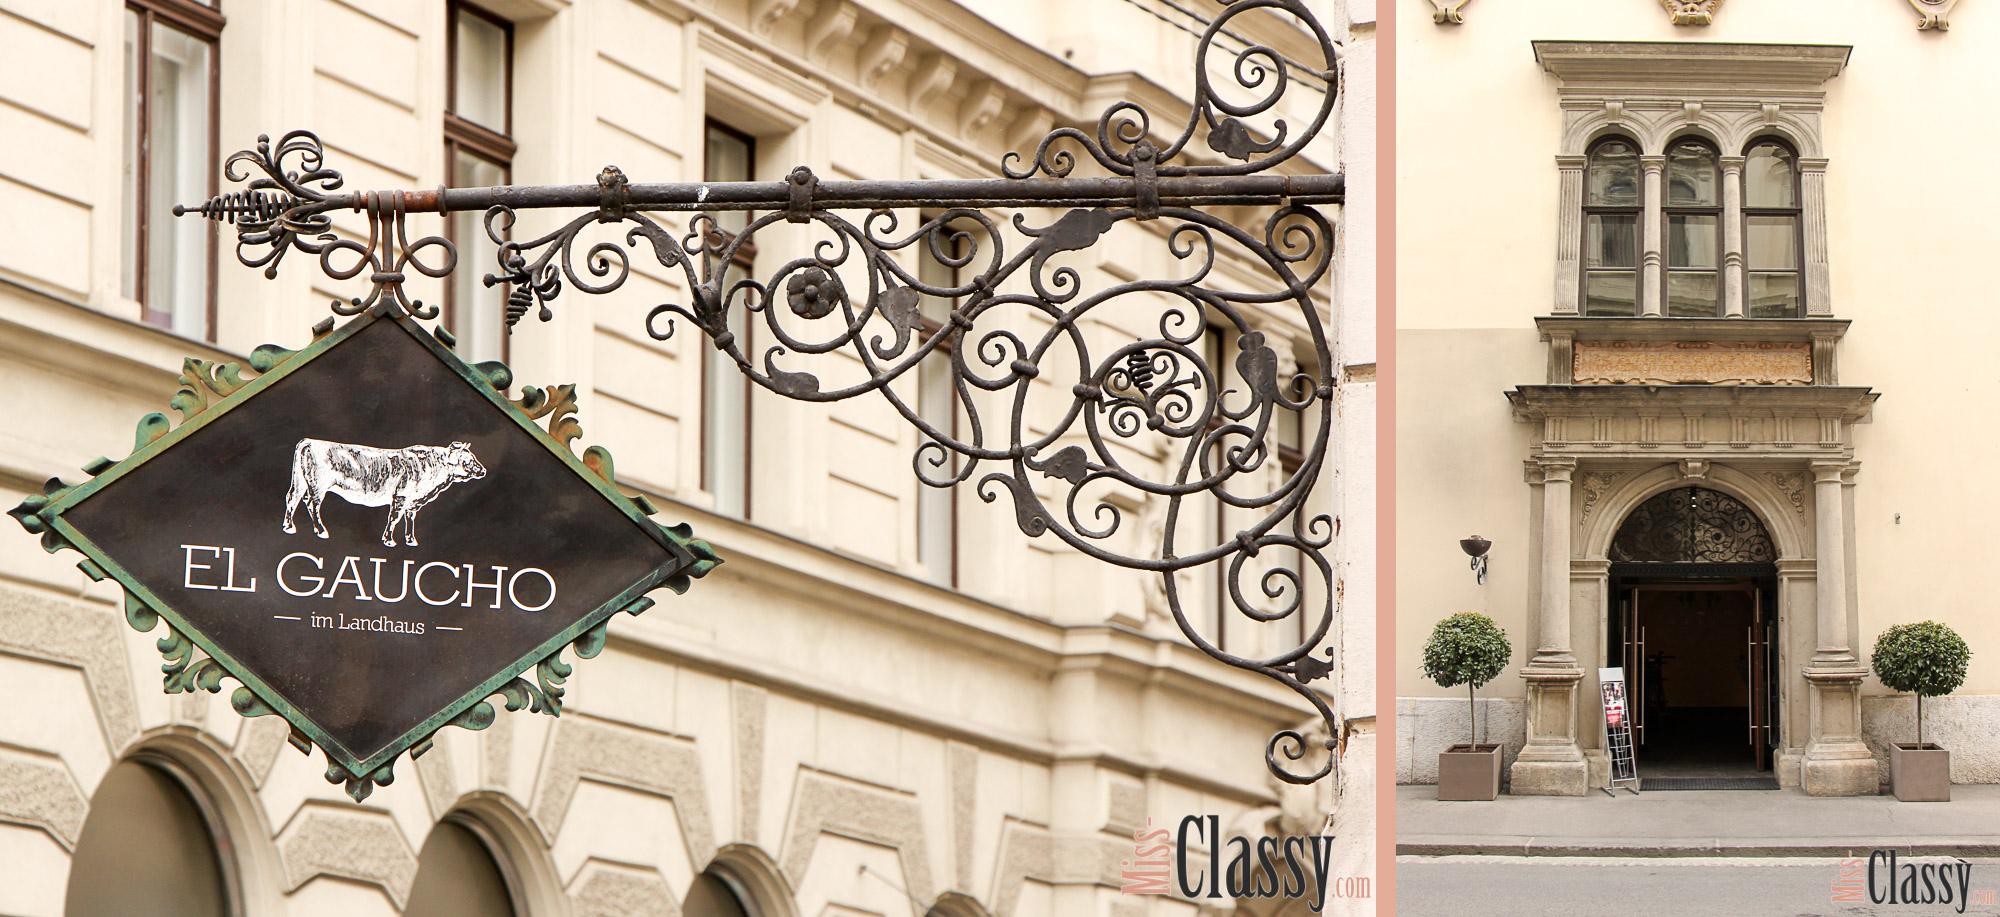 LIFESTYLE Miss Classy's Lieblingslokale in Graz und Umgebung, Miss Classy, Lifestyle Blog, Graz, Steiermark, Österreich, gute Restaurants, Essen gehen in Graz, El Gaucho, Steak, Steakhouse, Landhaus Graz